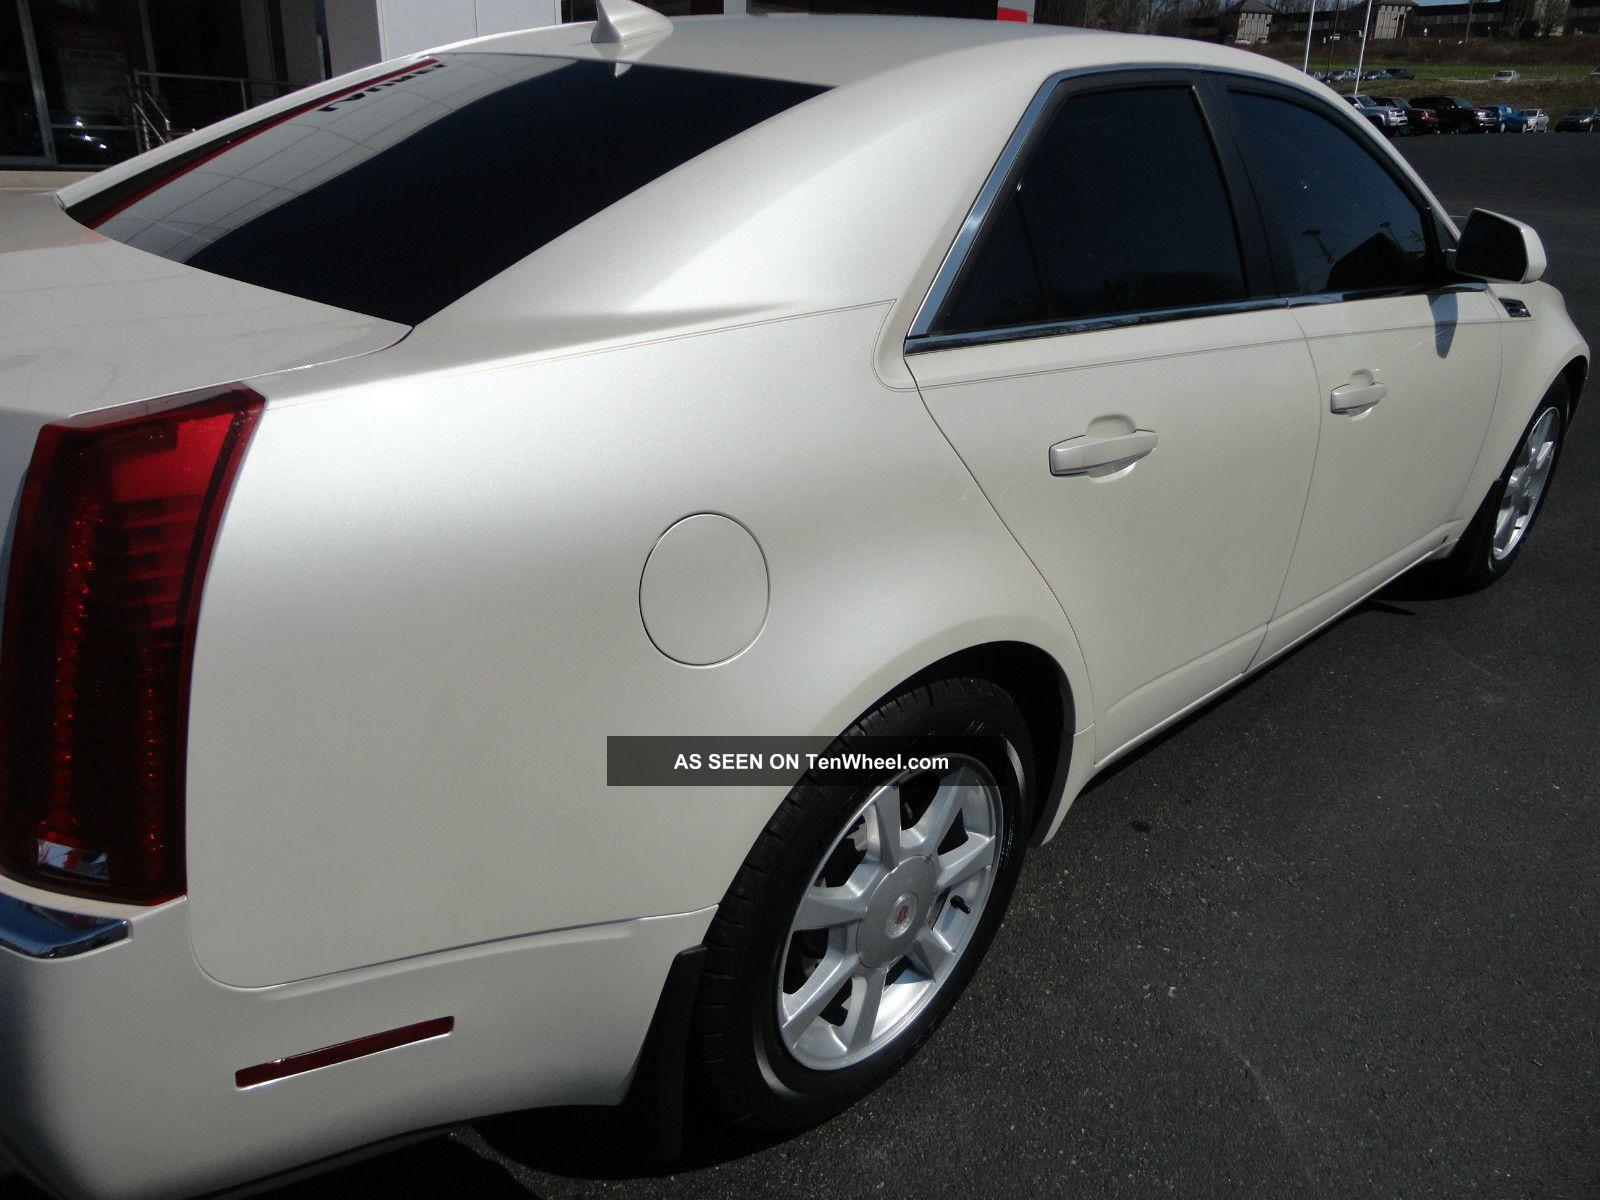 2009 Cadillac Cts 4 Awd White Diamond Tri - Coat Paint Ebony 42k Mi Video